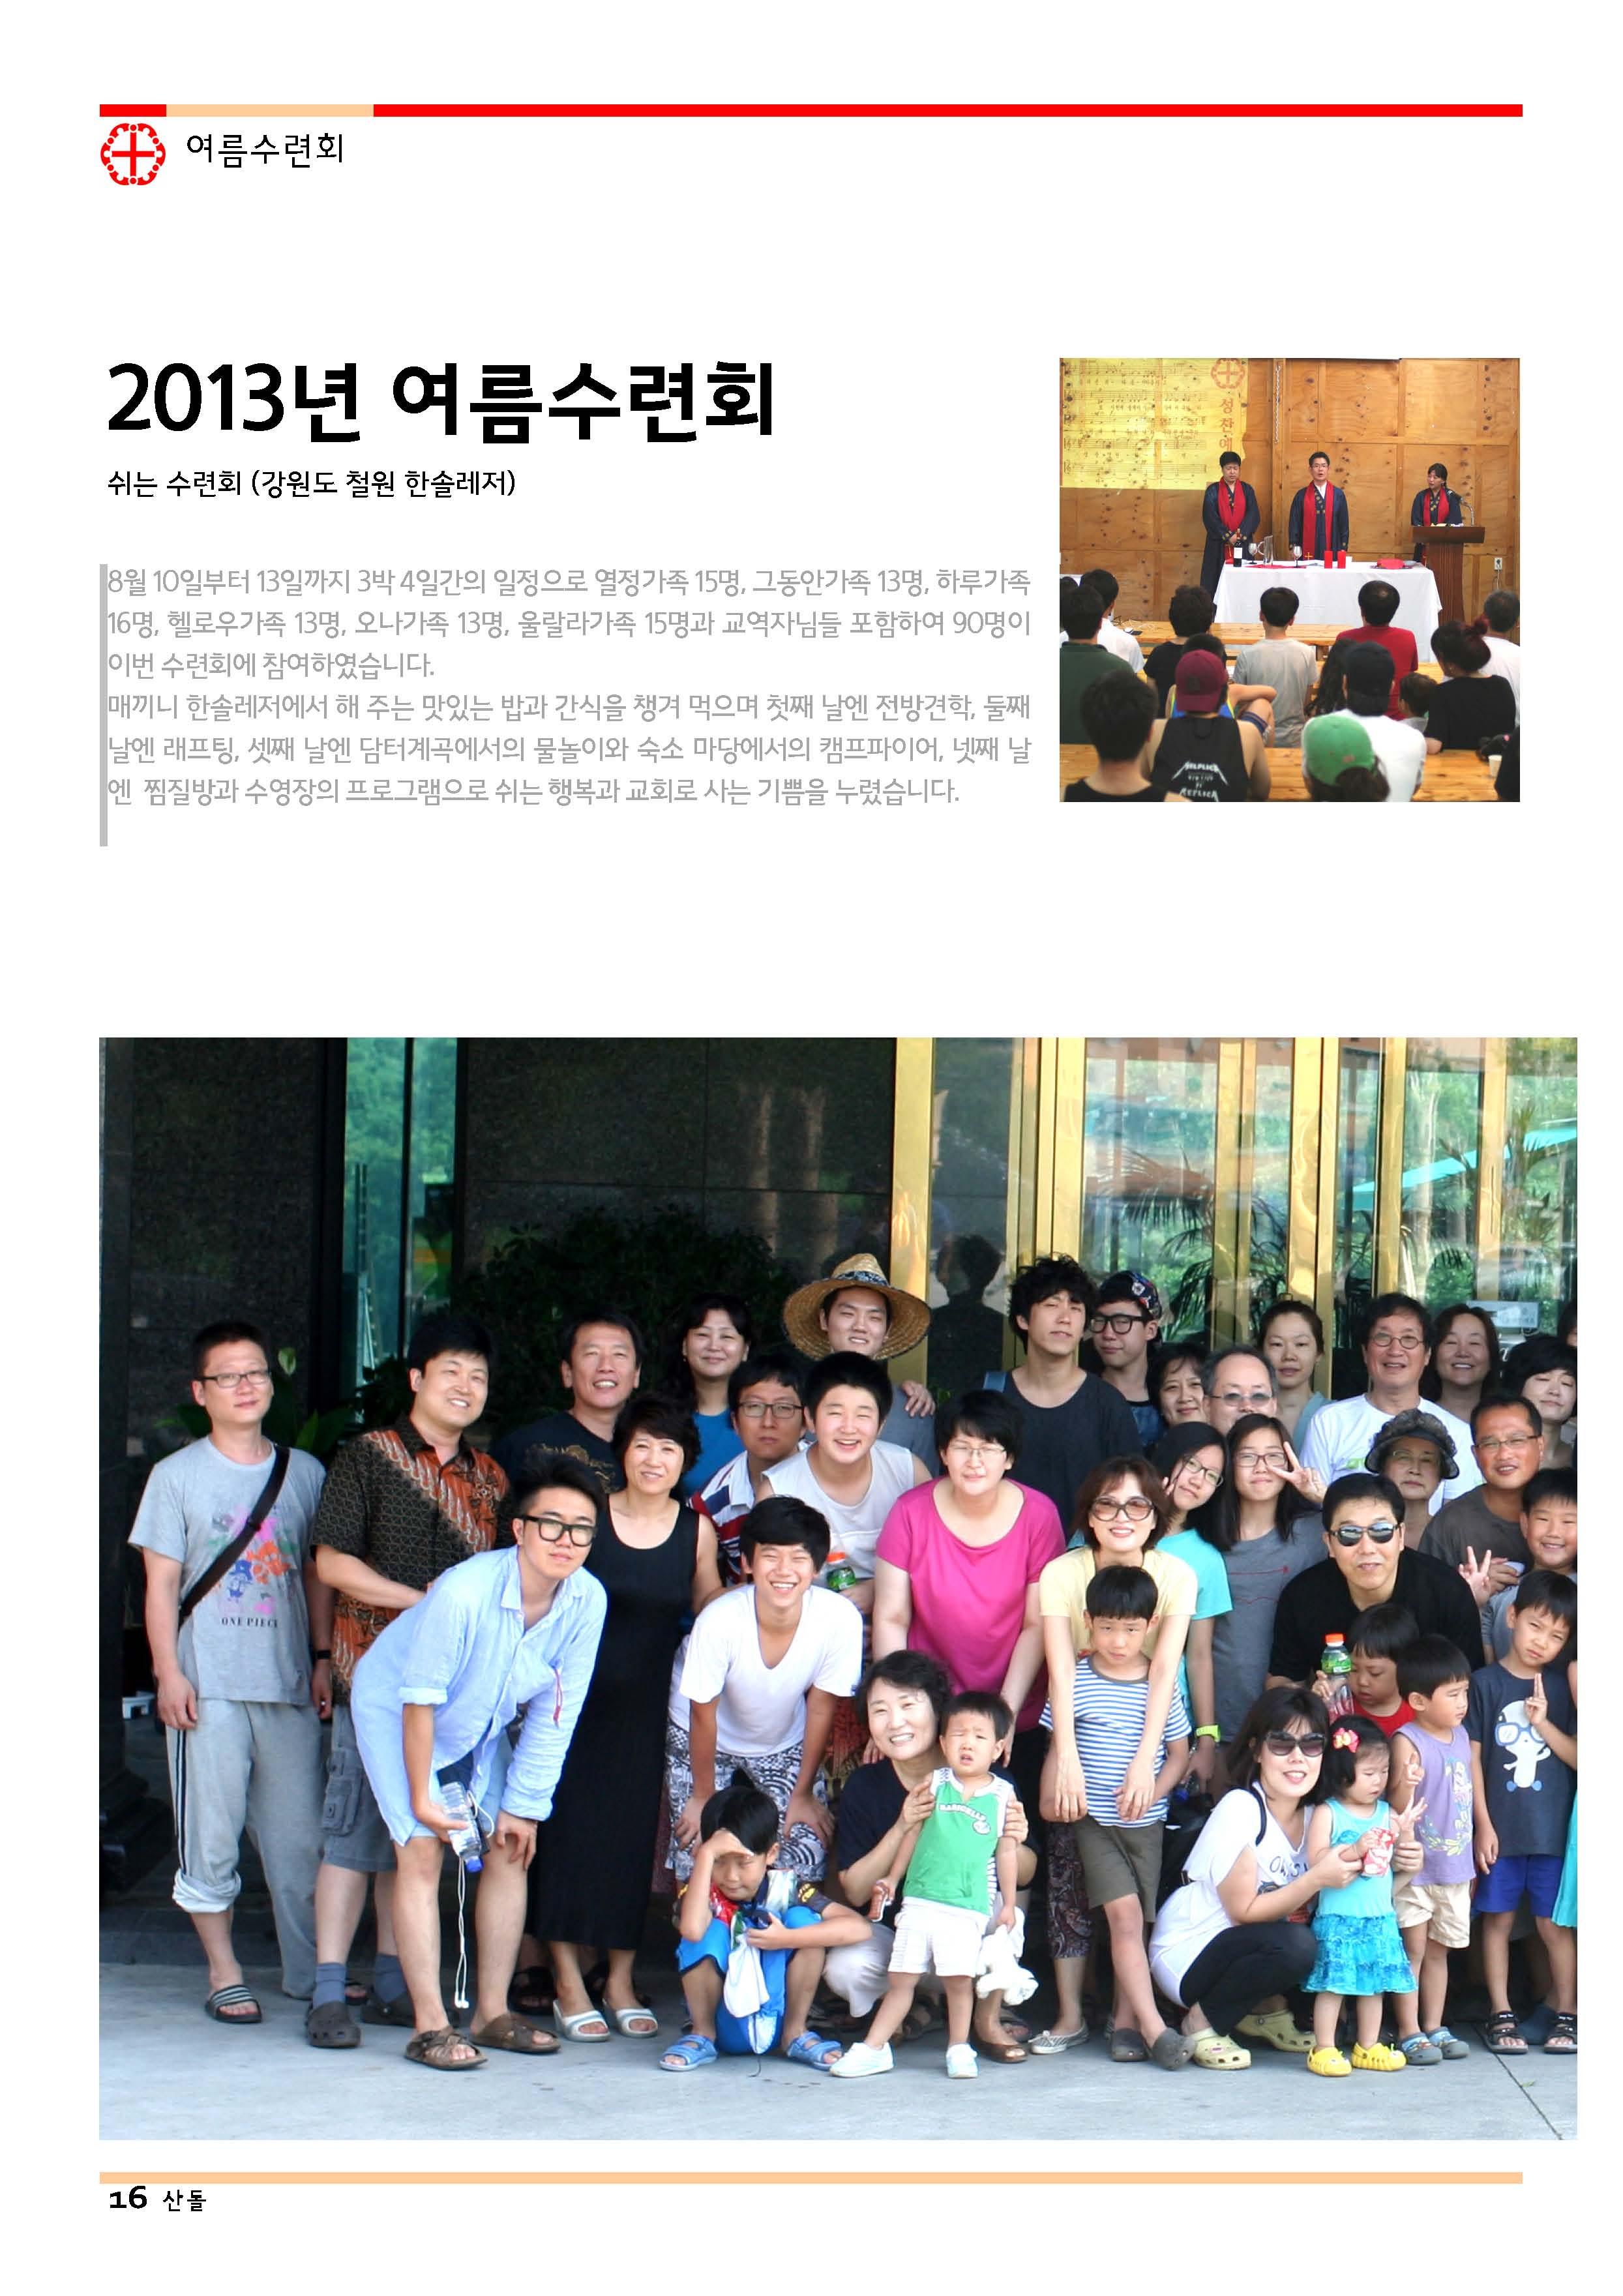 13sdjb0818_Page_16.jpg